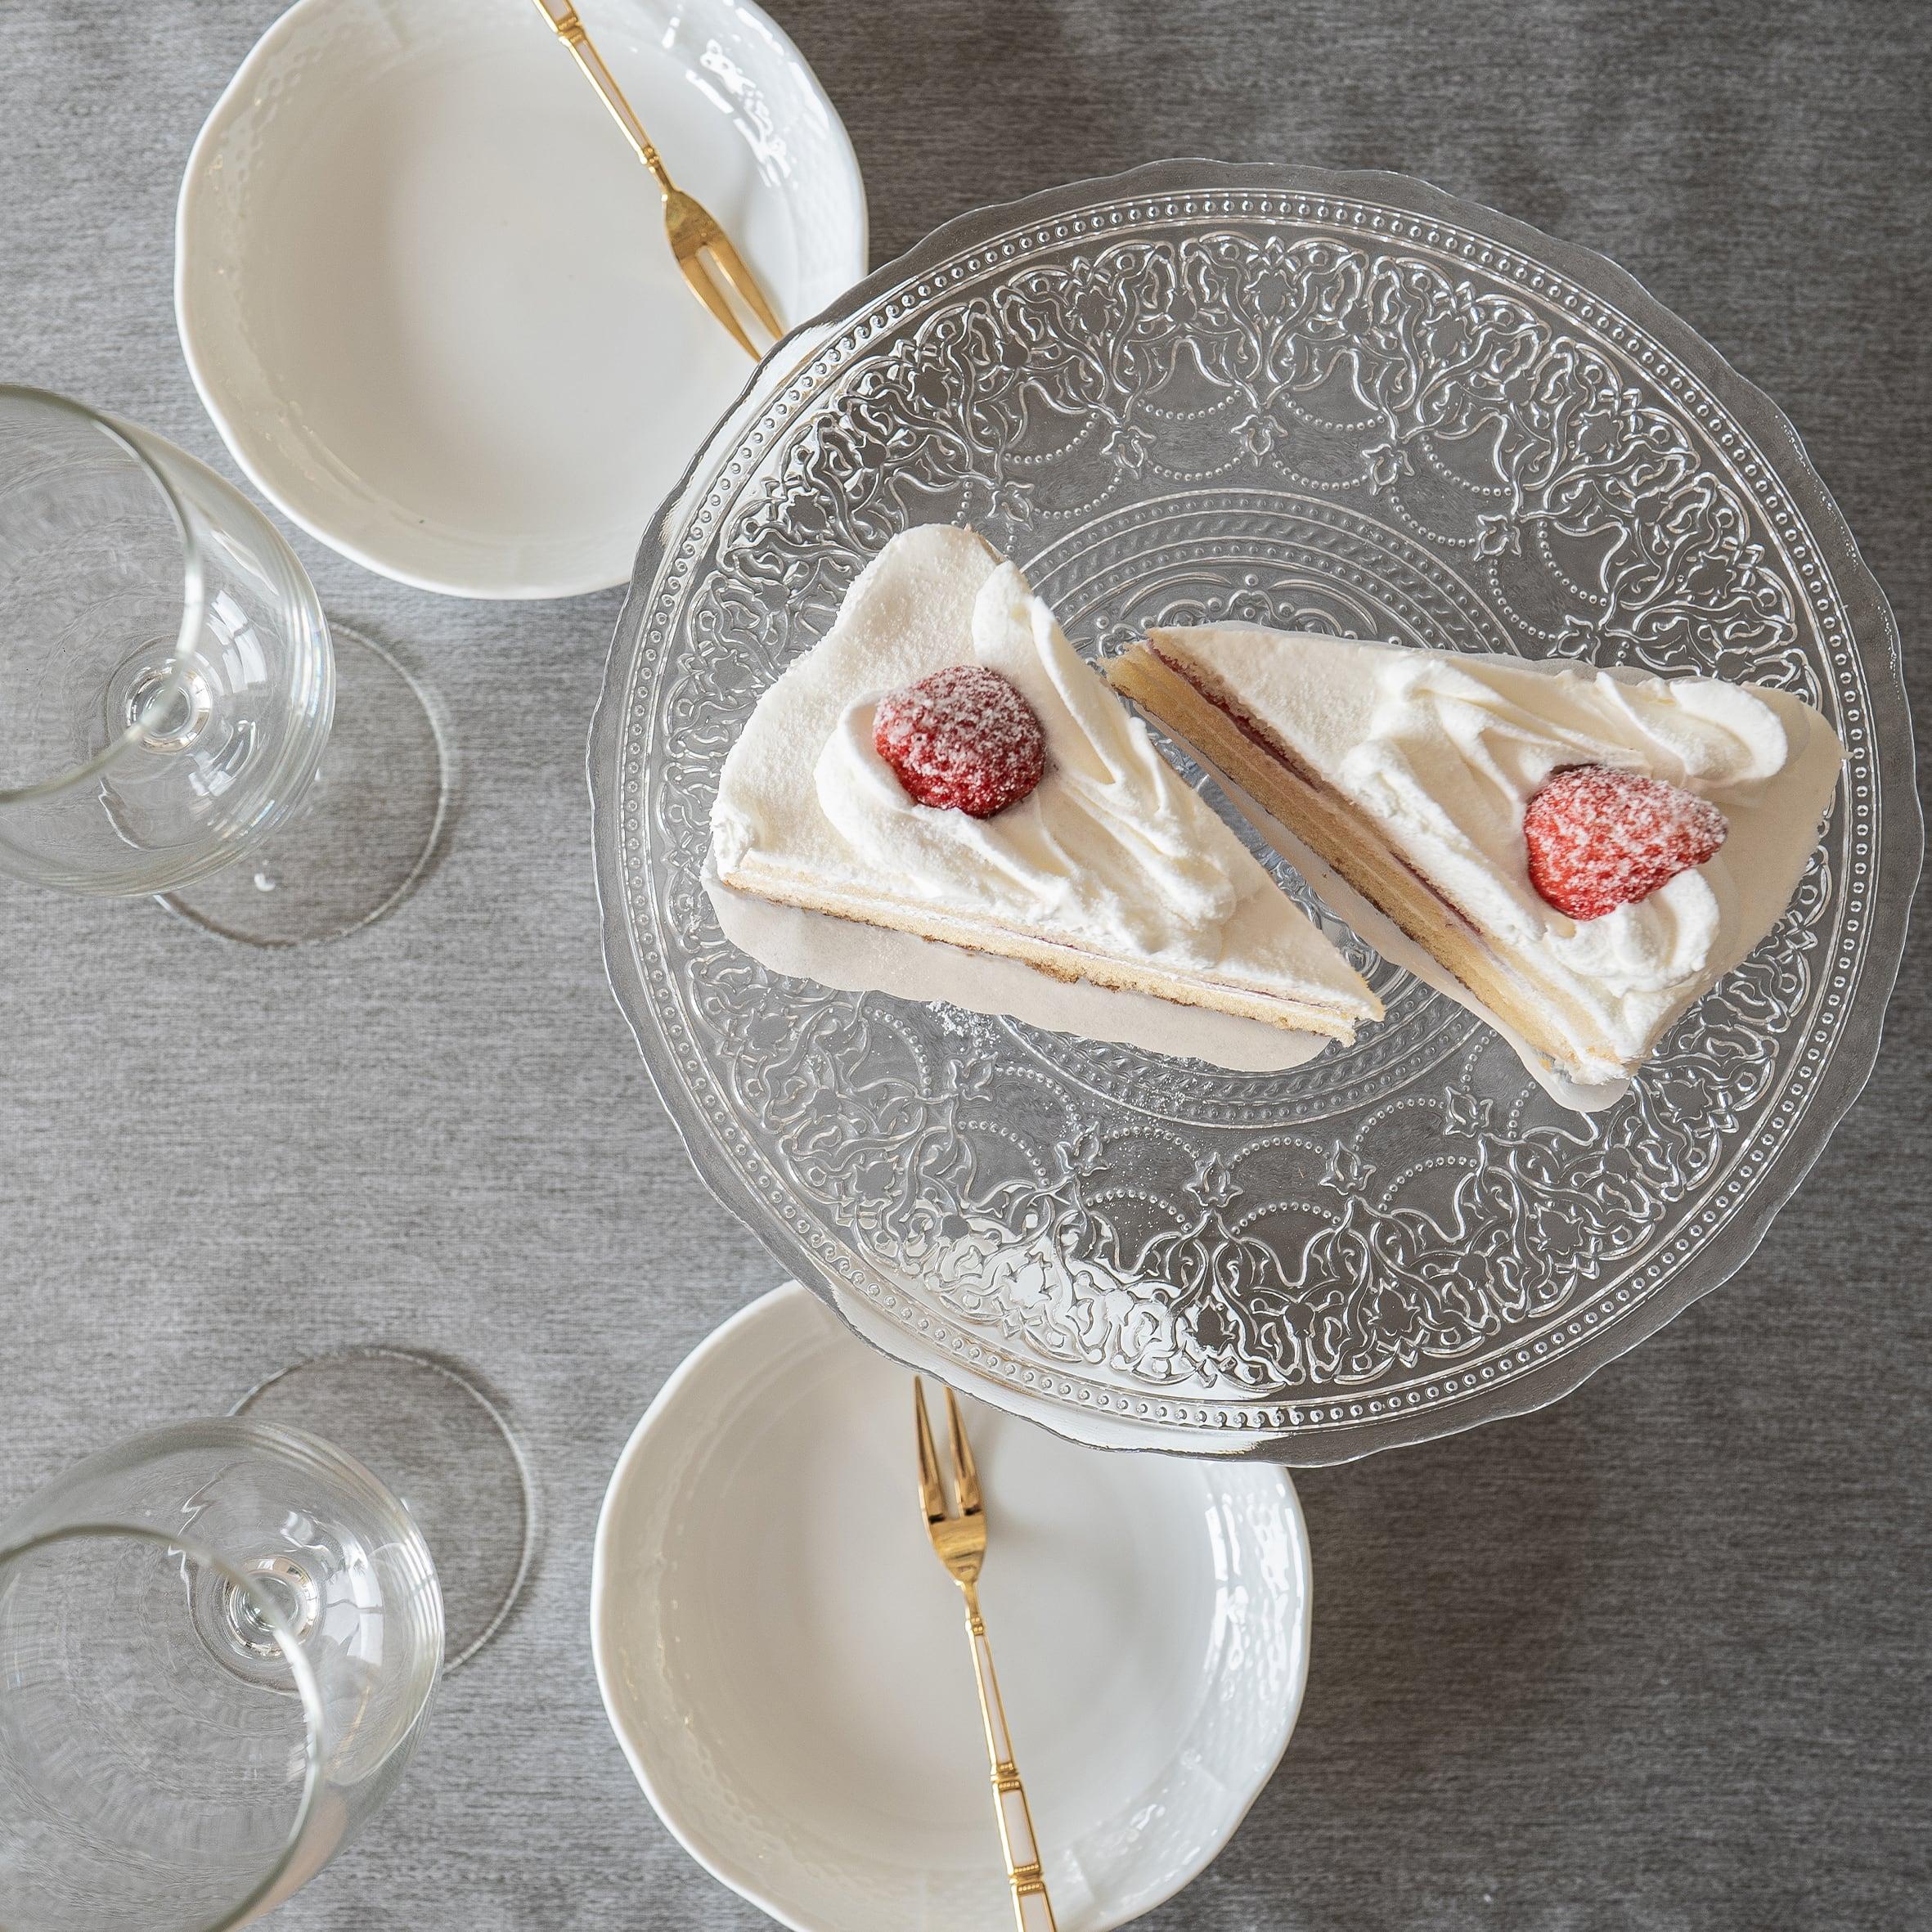 ケーキスタンド アラベスク柄ガラスケーキスタンド